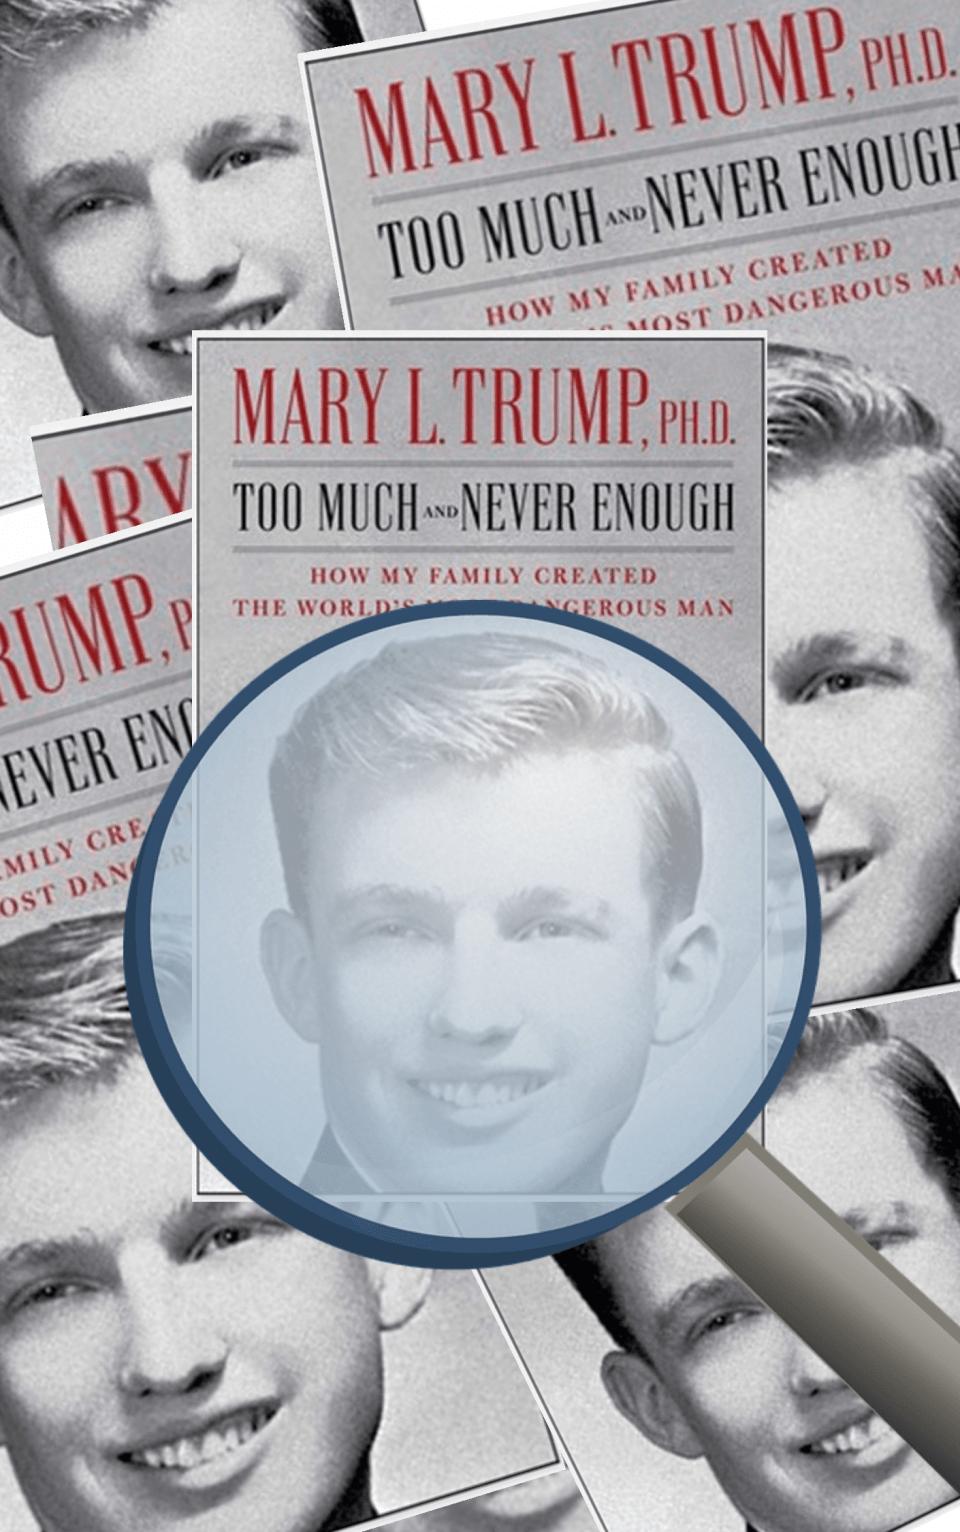 Un altro libro in arrivo contro Donald Trump: e questo sarà una bomba!